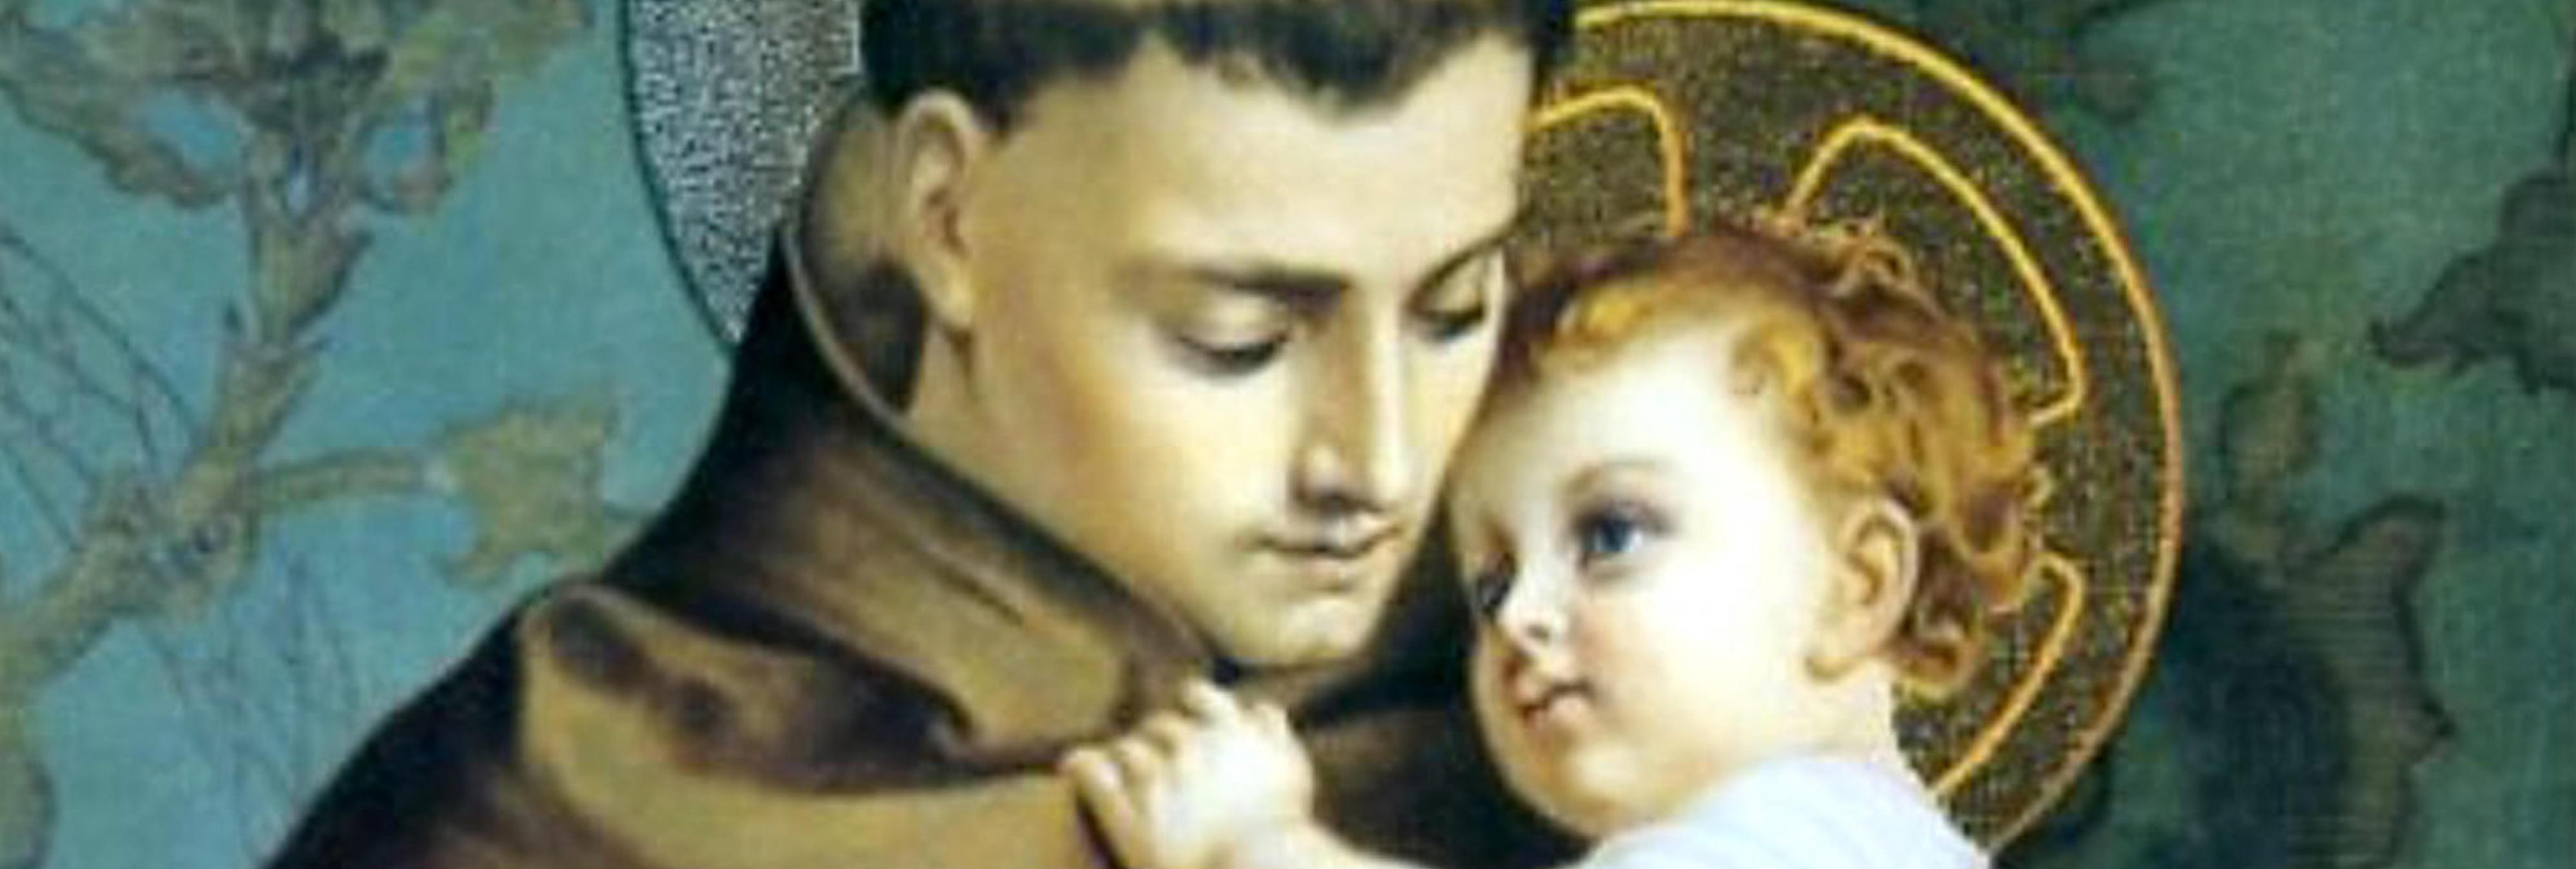 Una señora reza a diario a una figura de 'El Señor de los Anillos' creyendo que es un santo